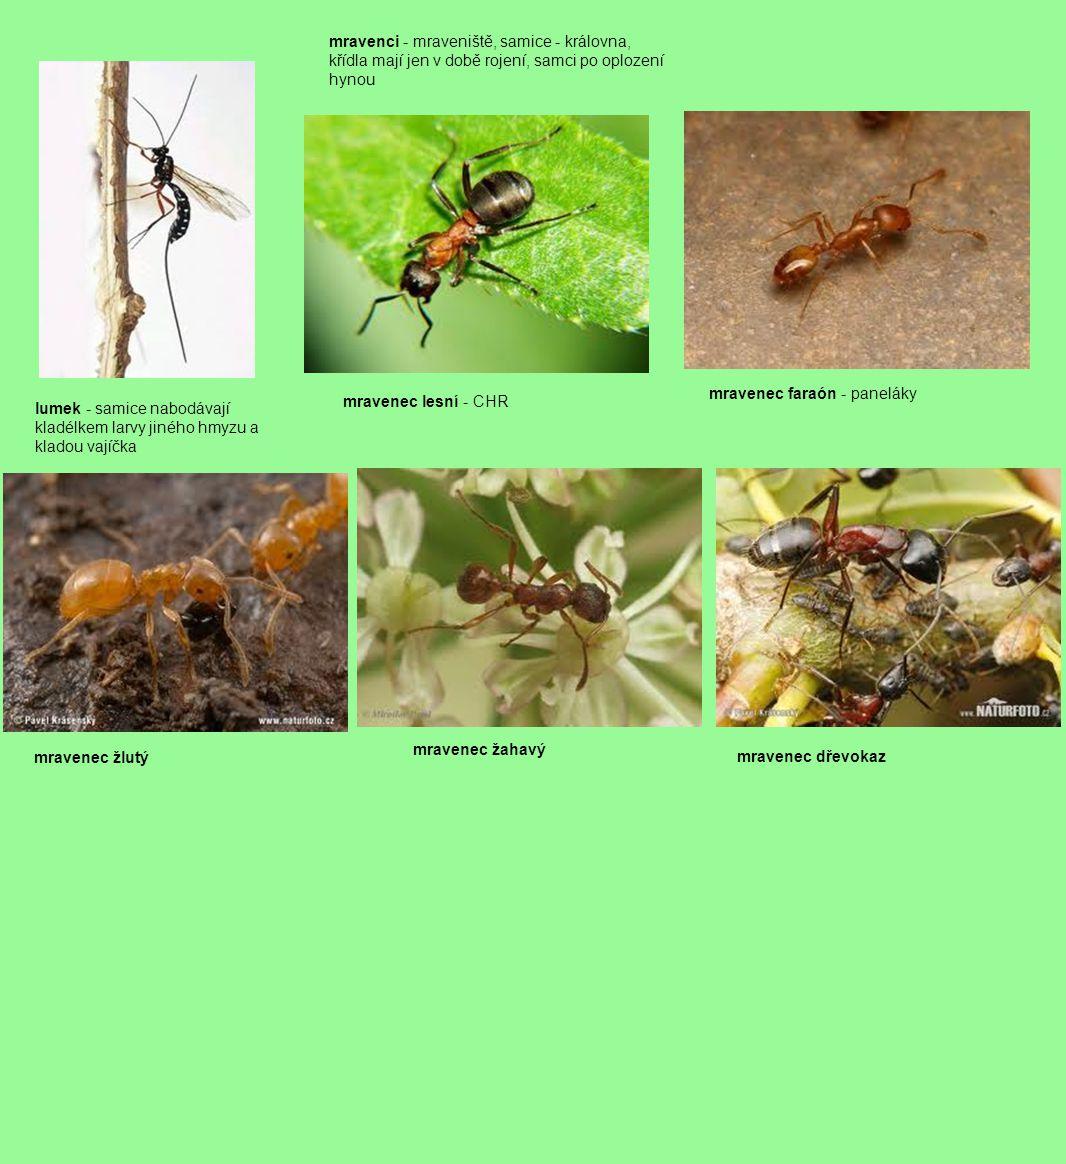 mravenec buldočí vosy - dravé, papírová hnízda, zimu přežívá oplozená samička, samci po oplození hynou vosa útočná - v zemi vosa saská hnízdo kulovité sršeň obecná - 3,5cm největší vosa